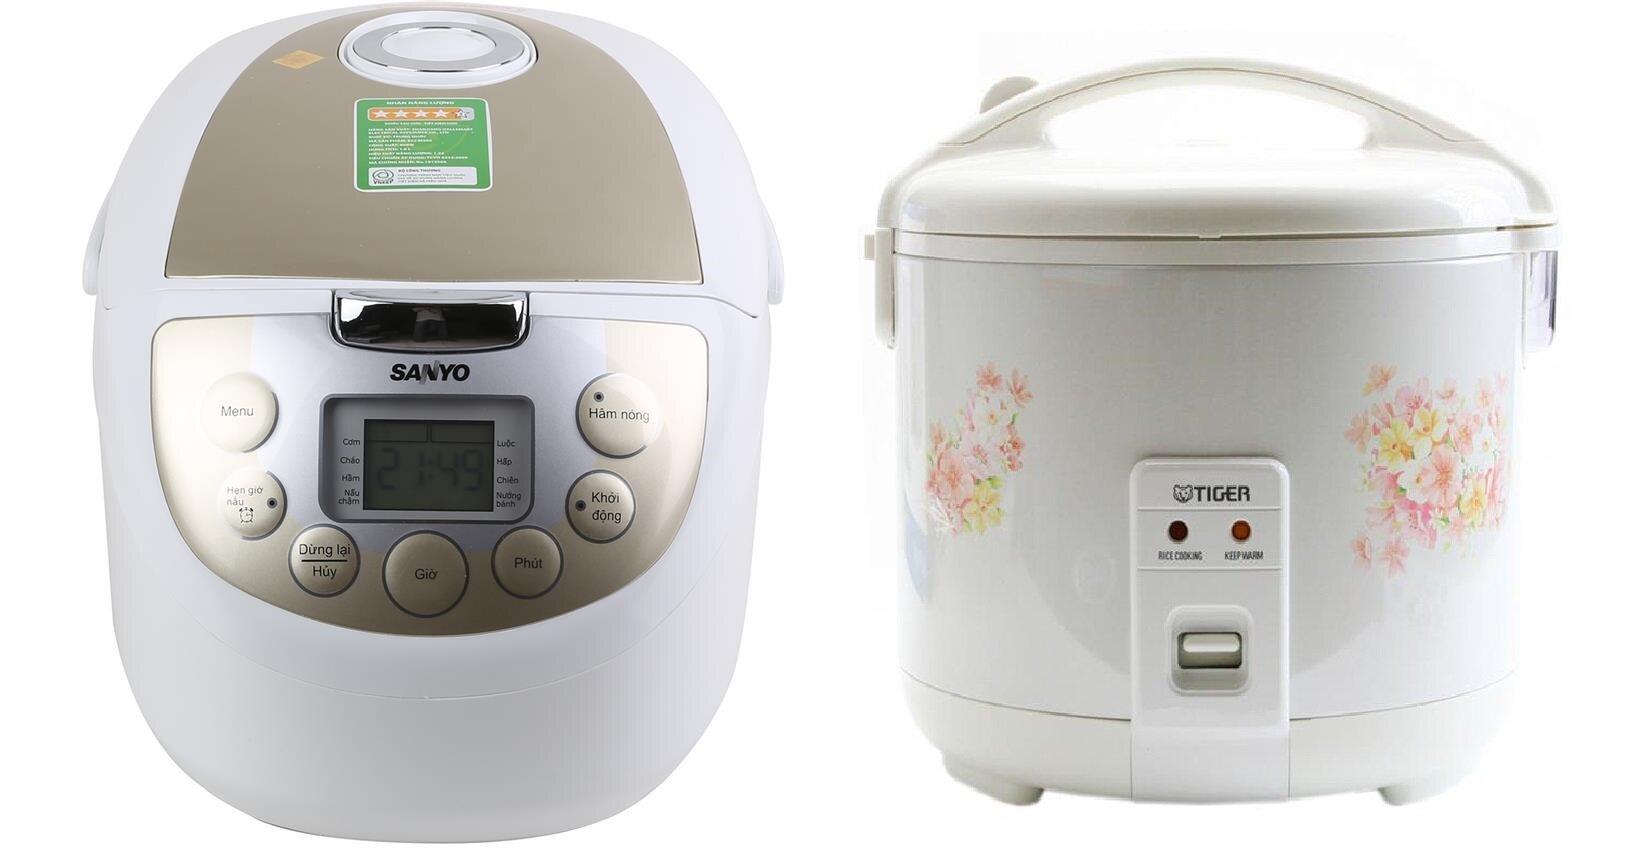 So sánh nồi cơm điện Sanyo ECJM200 và nồi cơm điện Tiger JNP1000